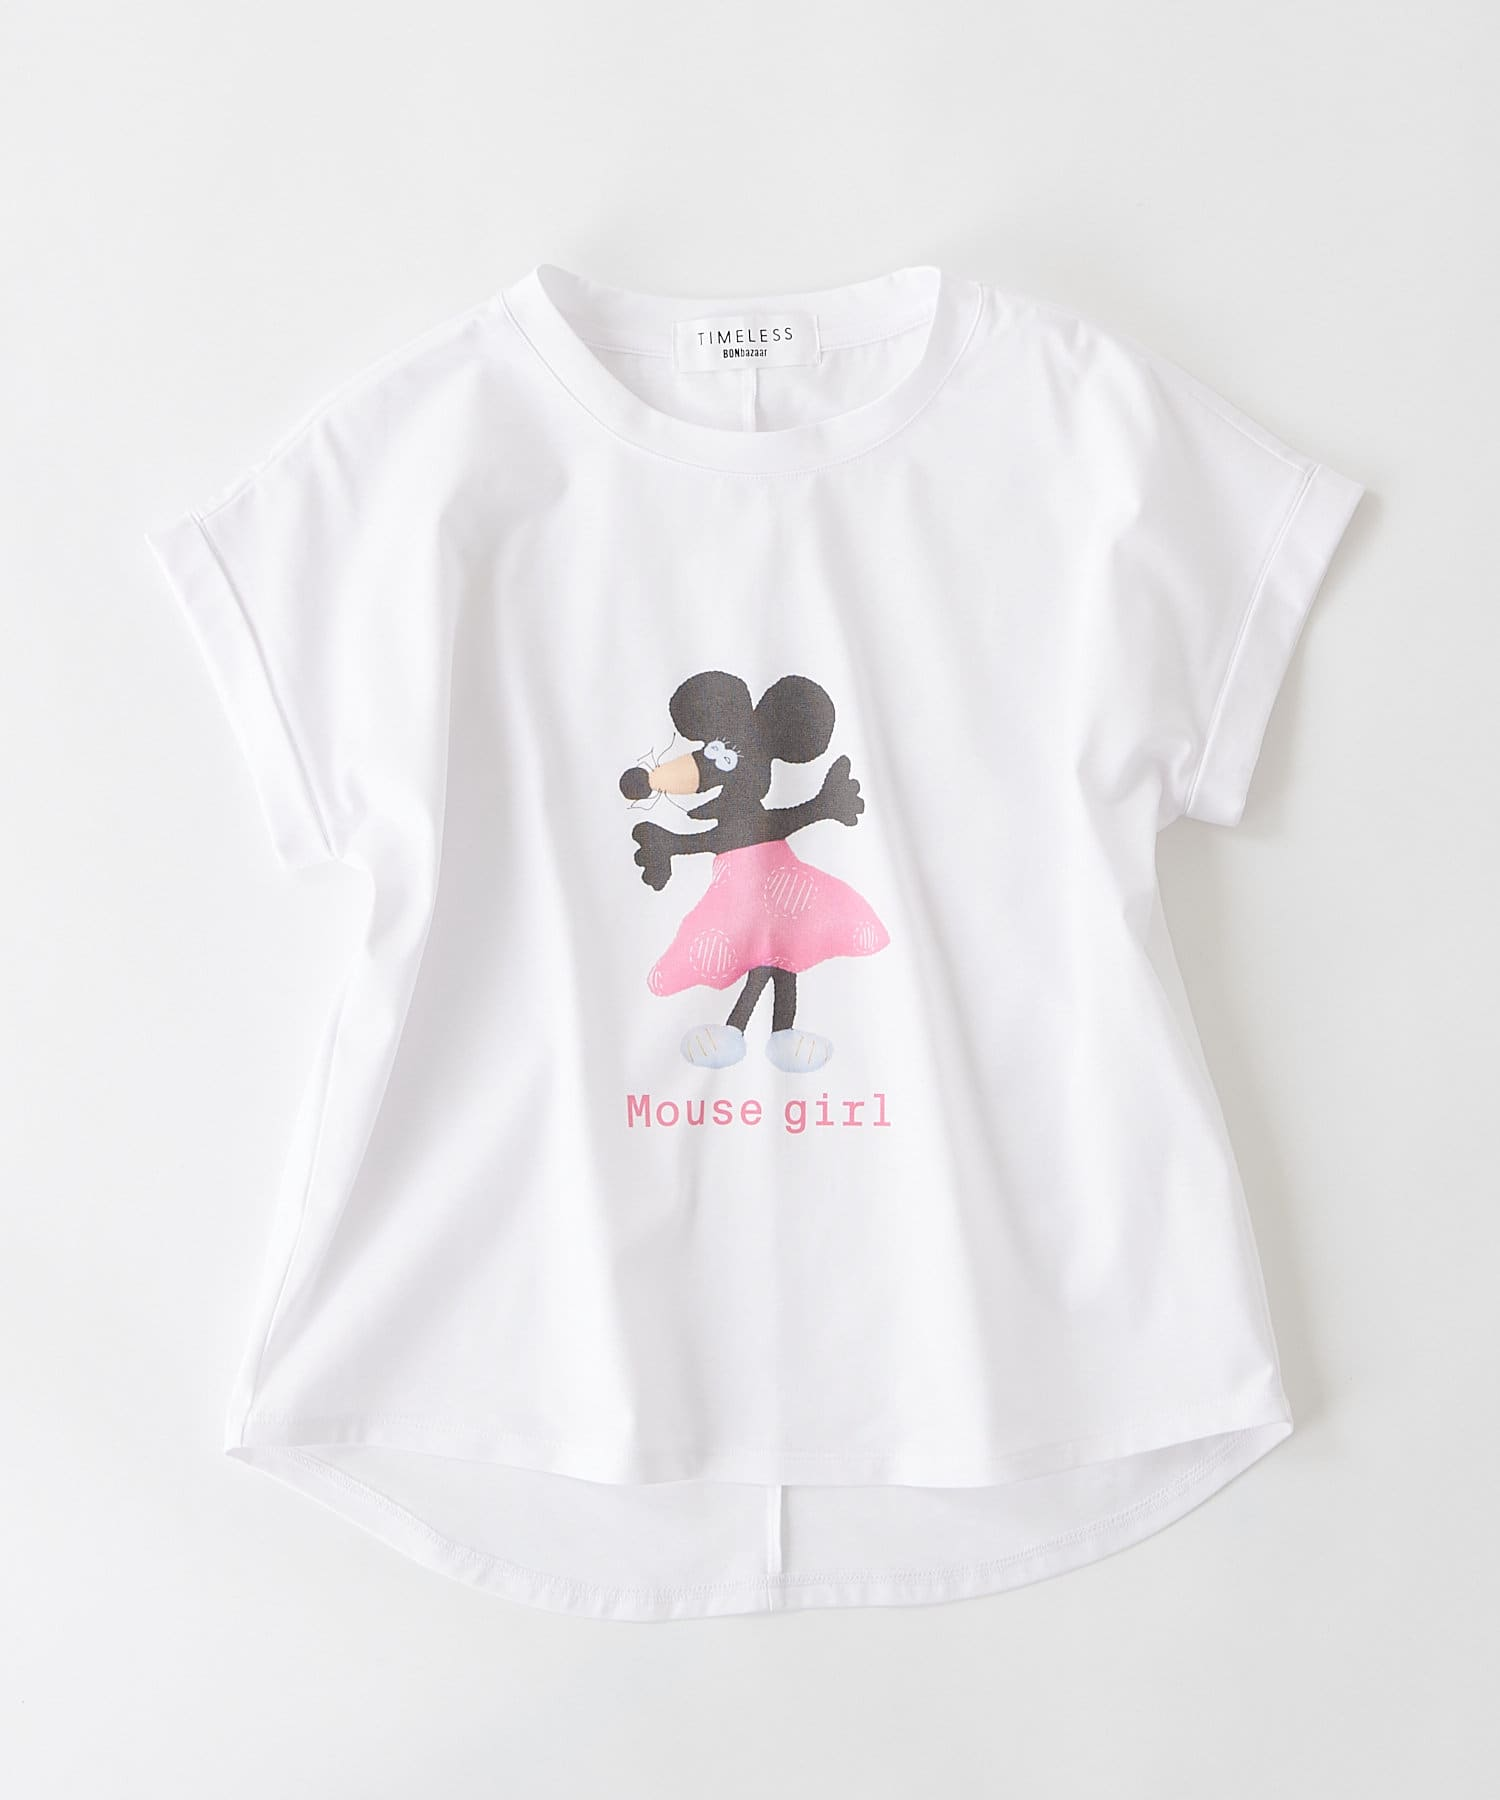 BONbazaar(ボンバザール) レディース 《長谷川 有里's キャラクター》Tシャツ Mouse Girl ホワイト